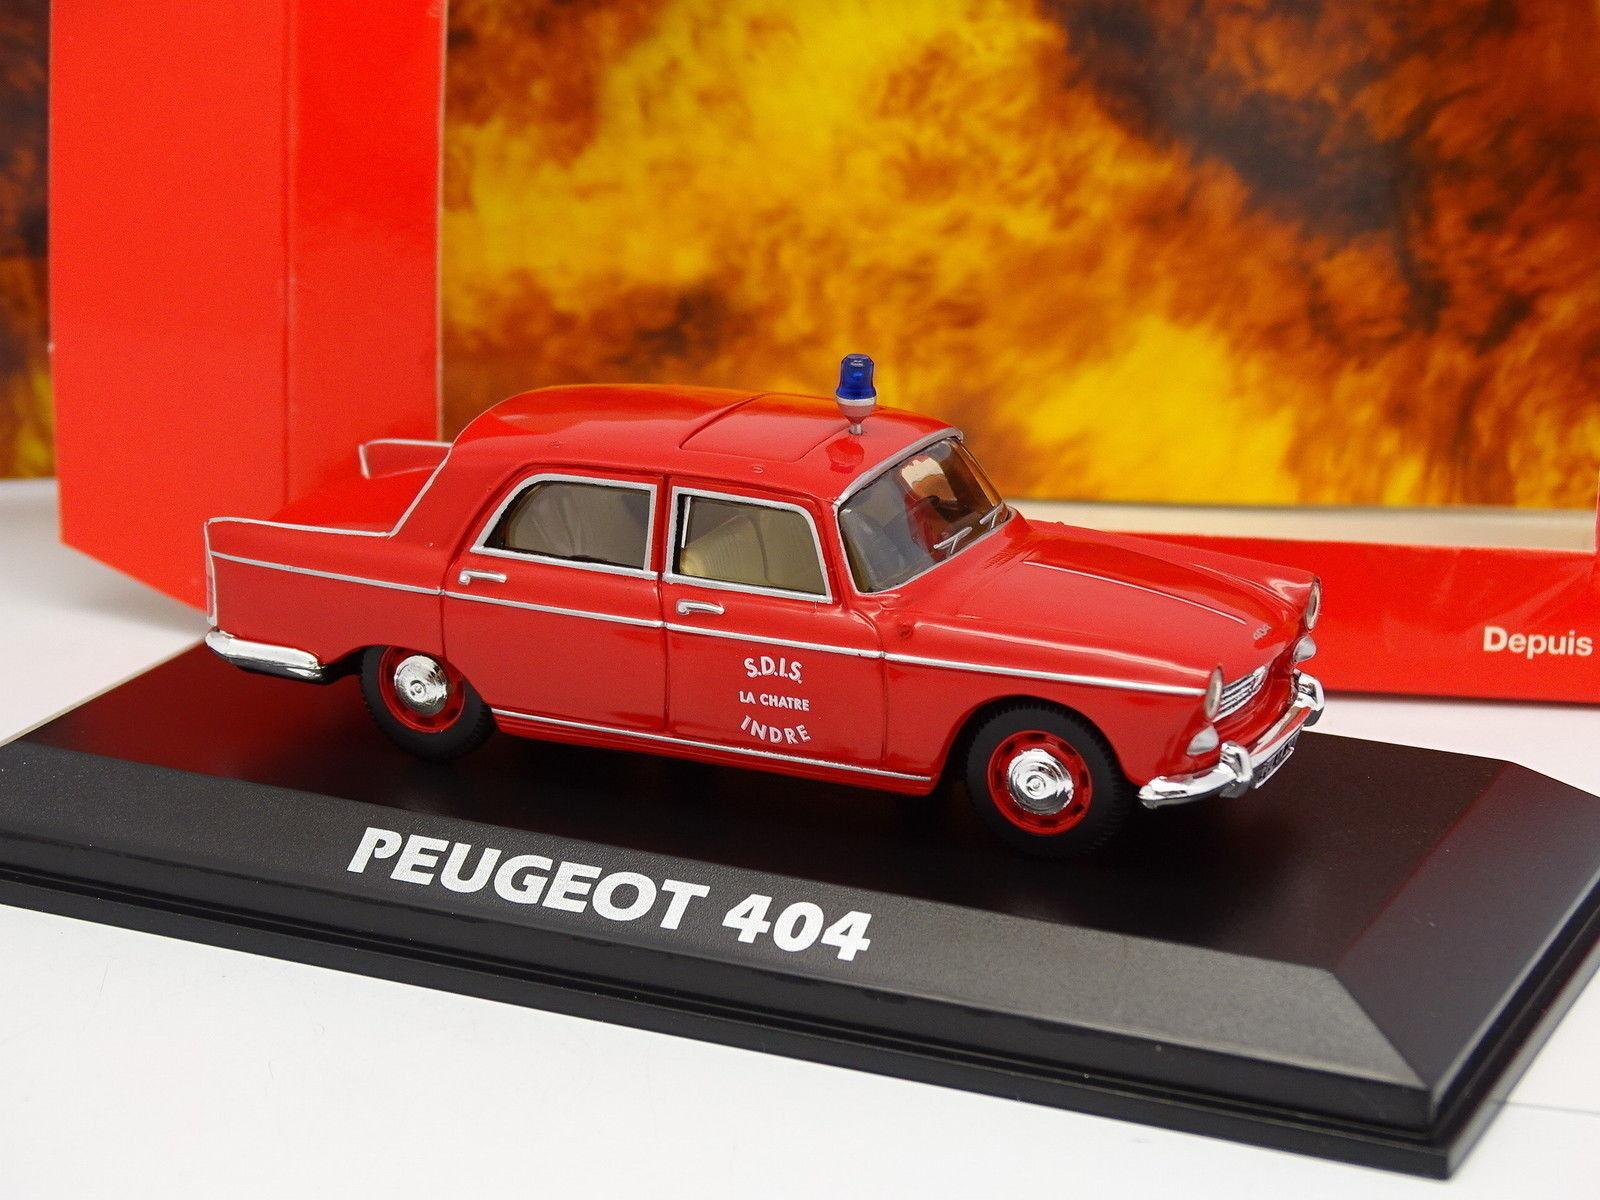 Norev 1 43 - Peugeot 404 Pompiers SDIS Indre